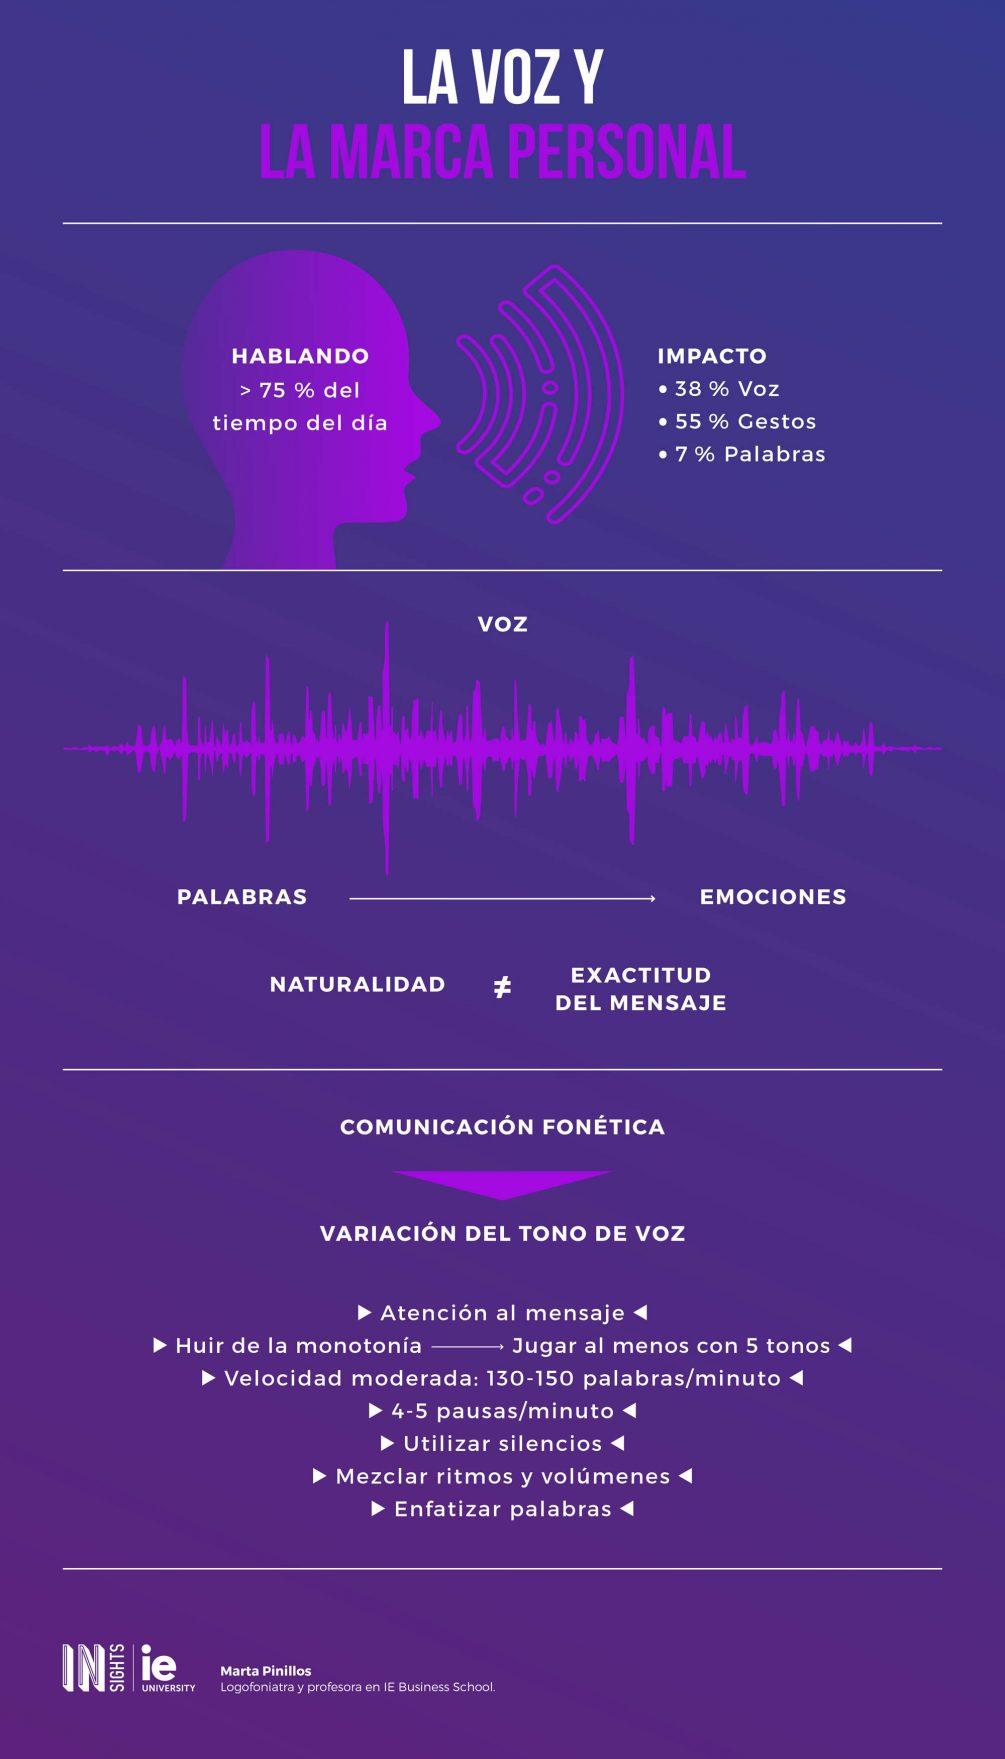 Infografia - La voz y la marca personal esp